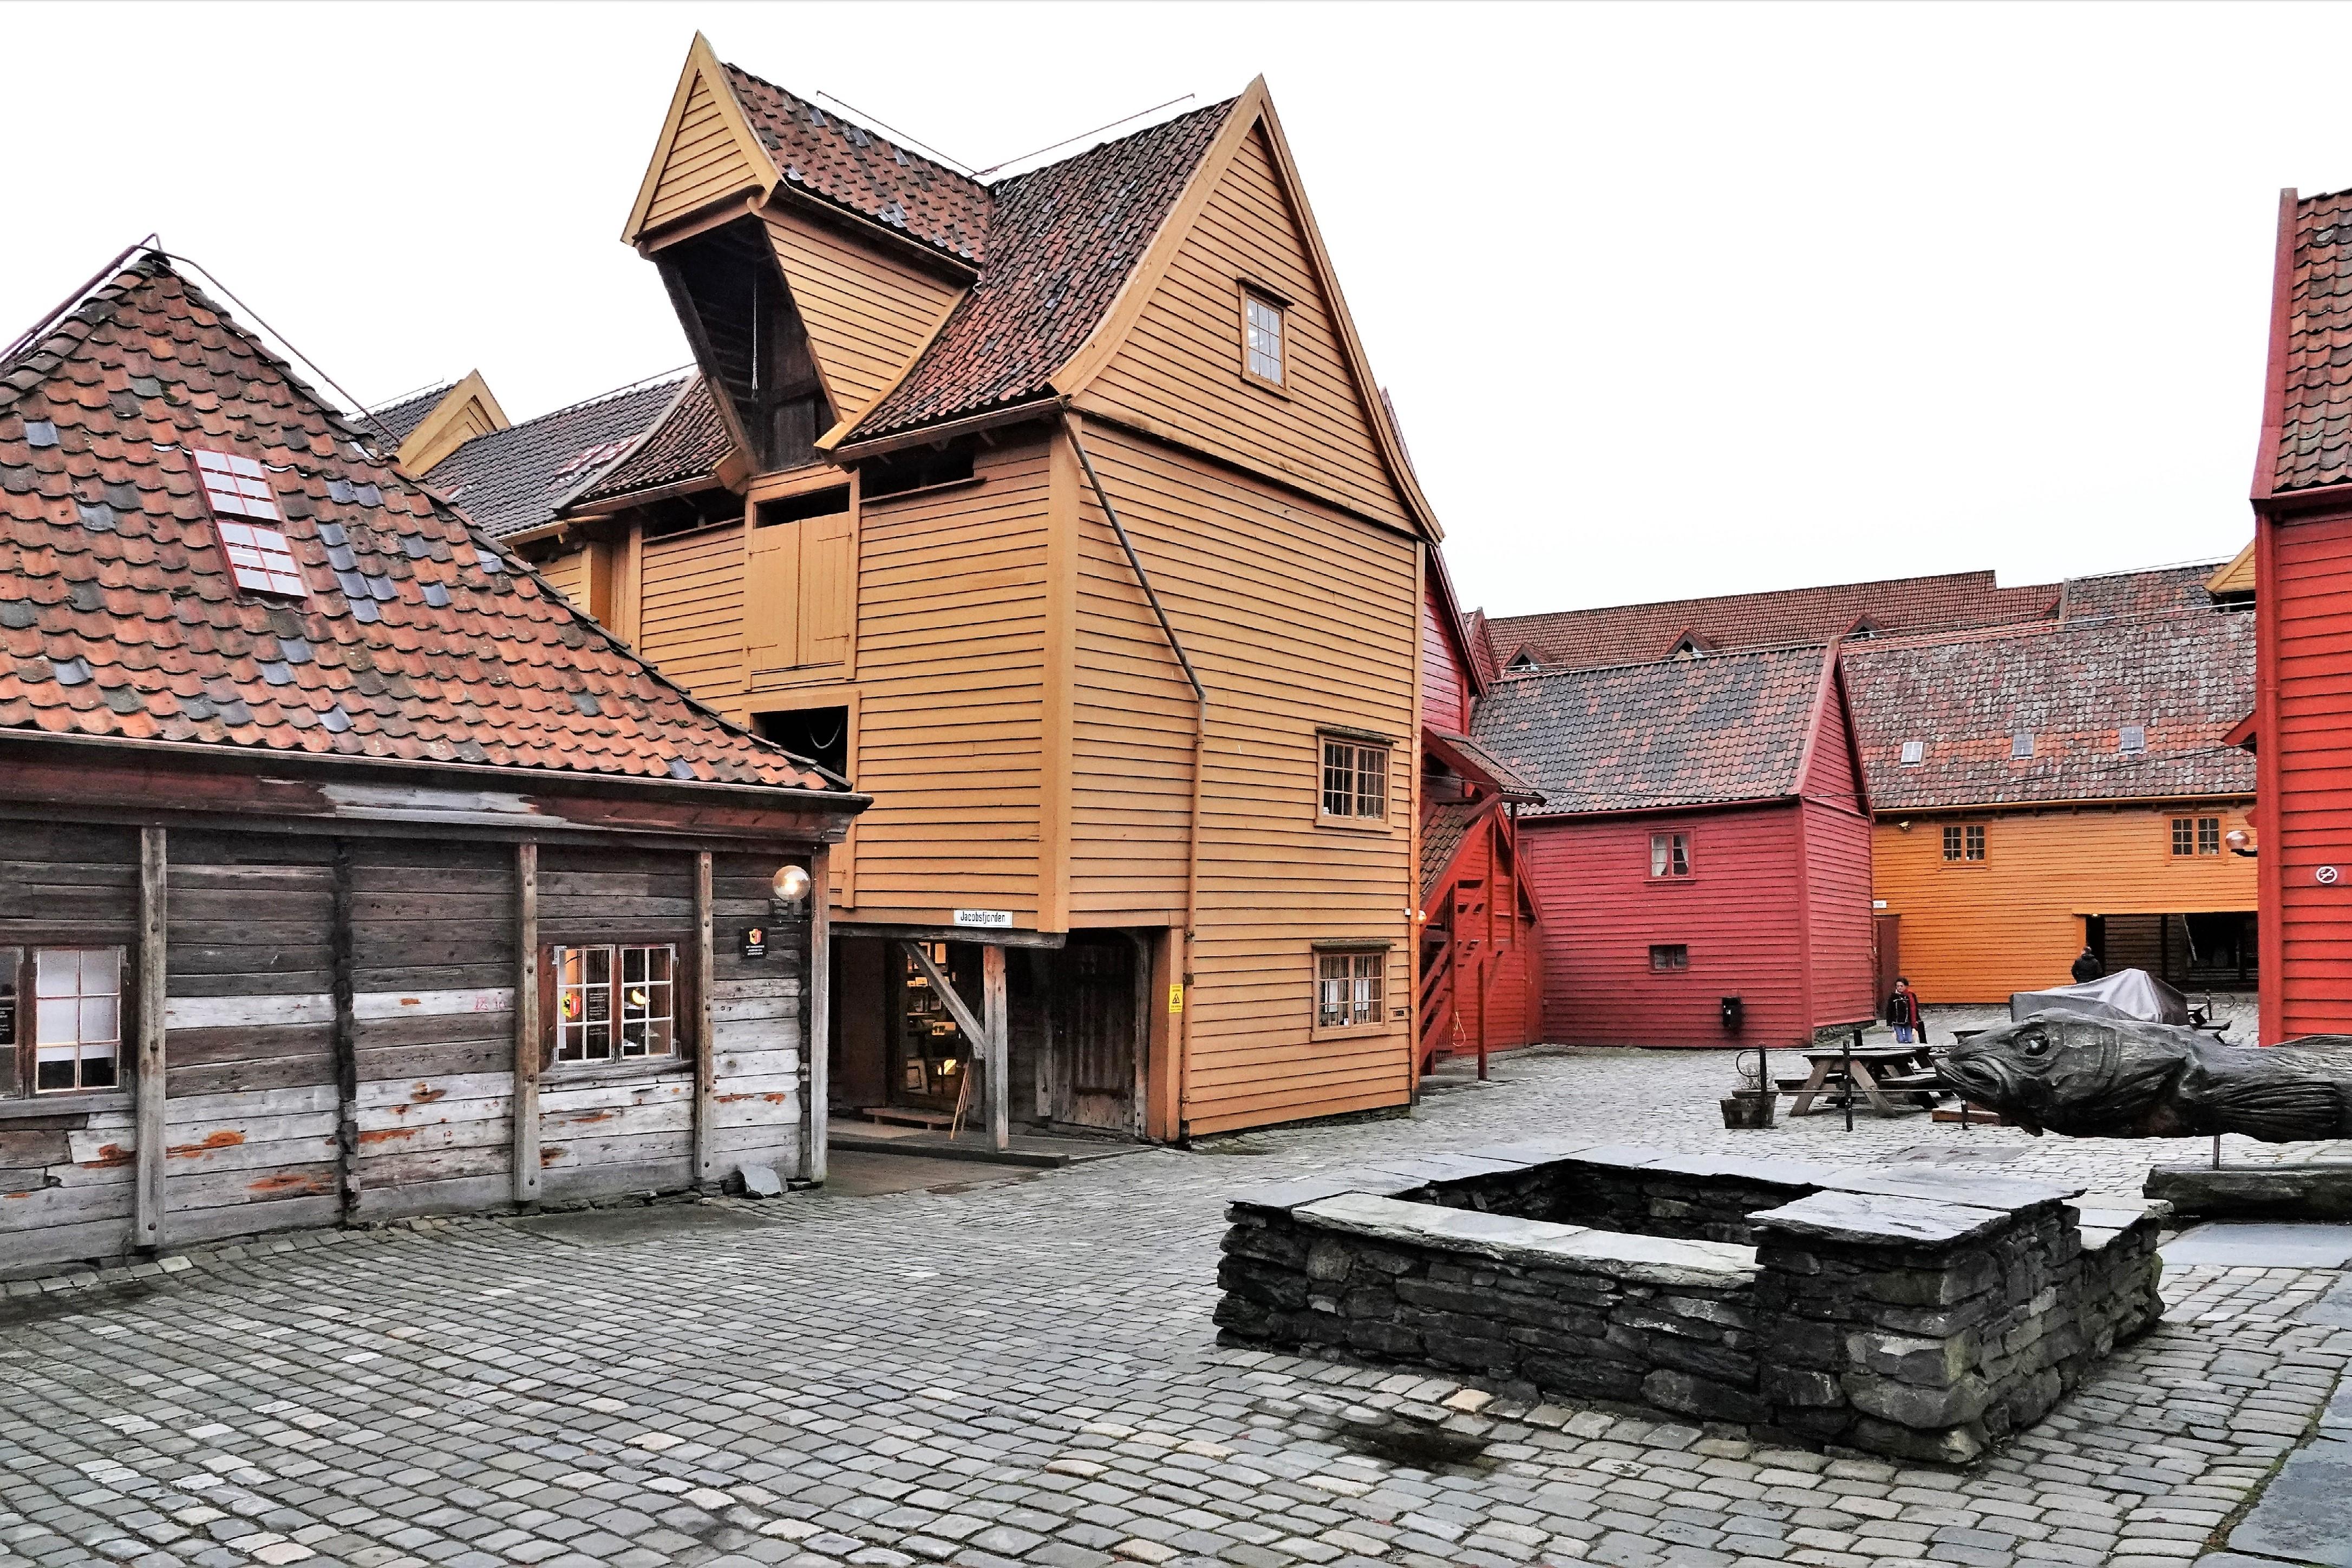 Bryggen courtyard